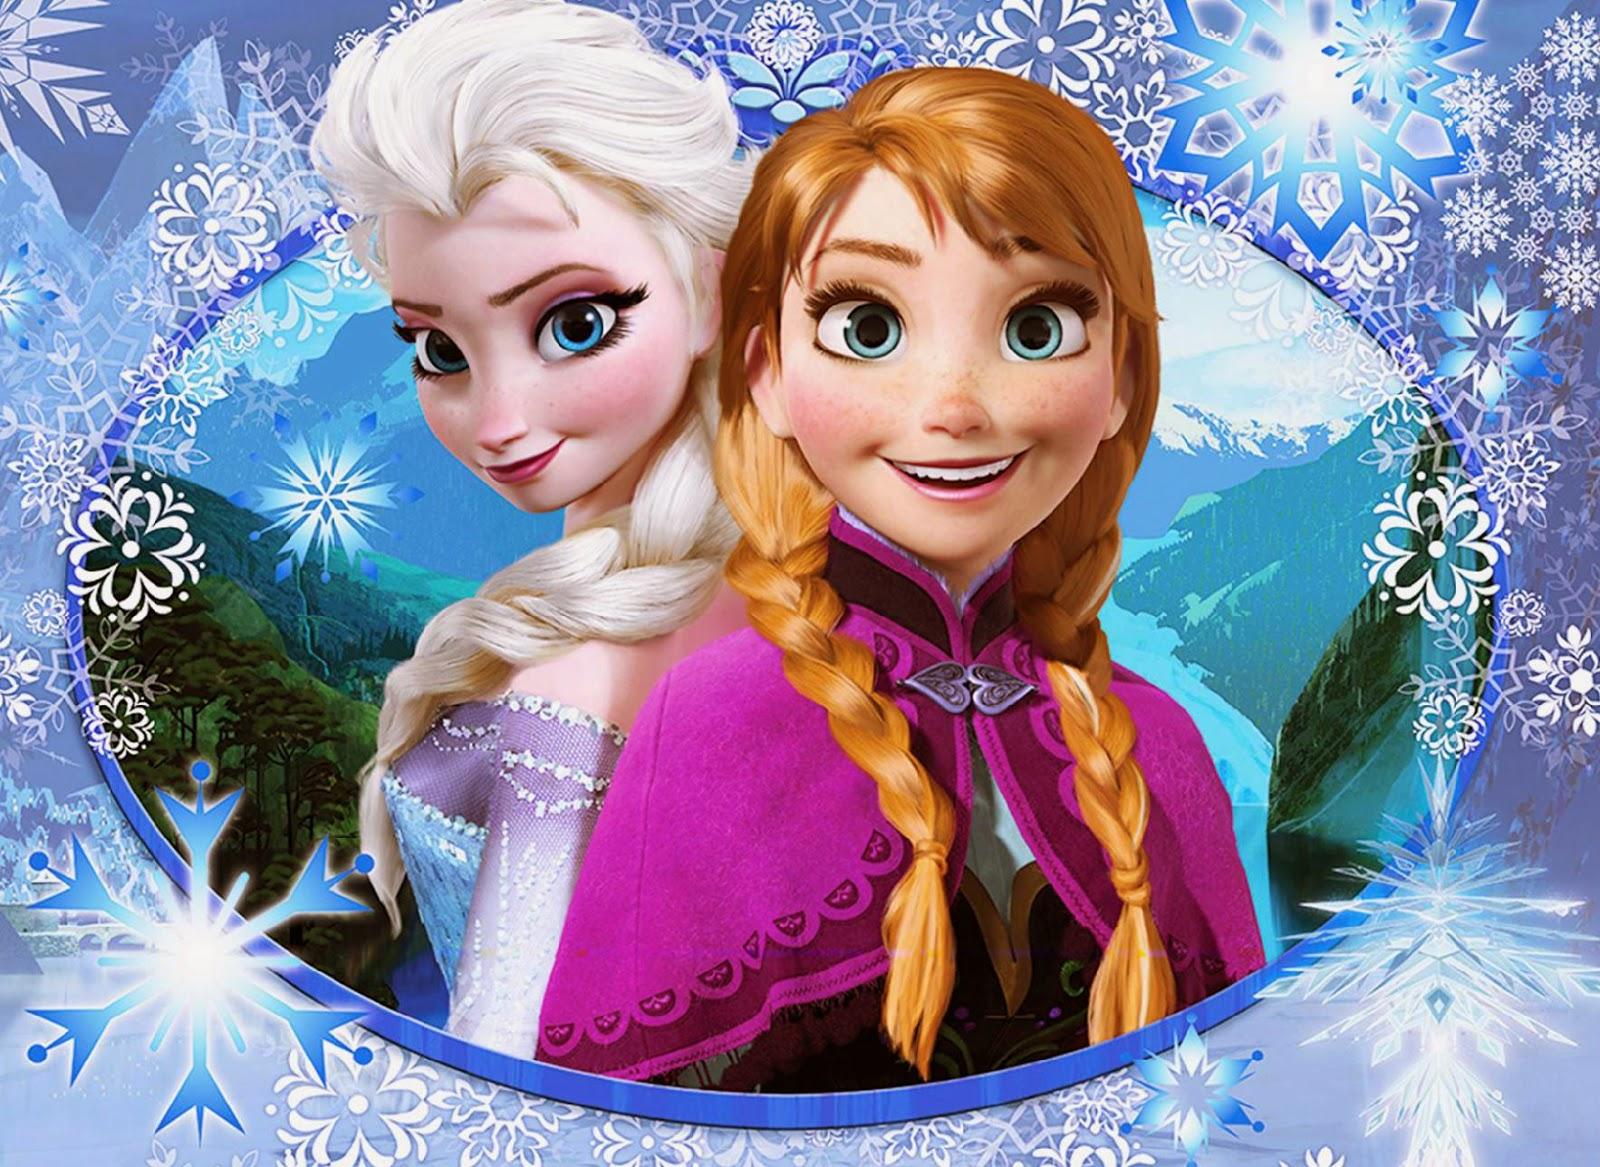 Assassins Creed 2 Hd Wallpapers Frozen Wallpapers Frozen Disney Fondos Hd